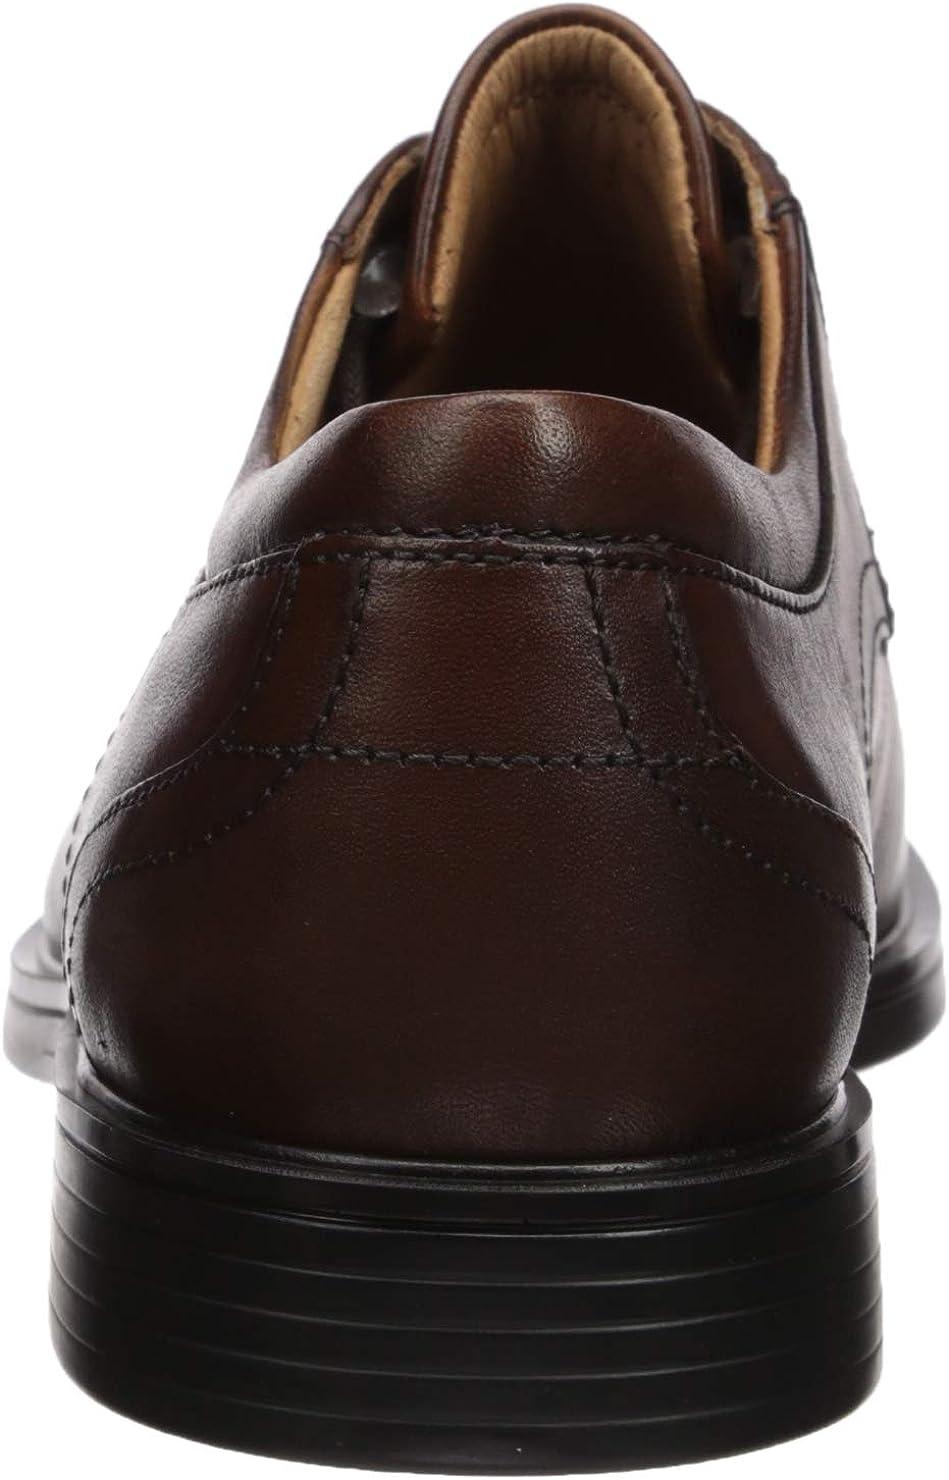 Details about  /Mens Clarks Formal Stitch Detail Lace Up Leather Heeled Shoes Un Aldric Park